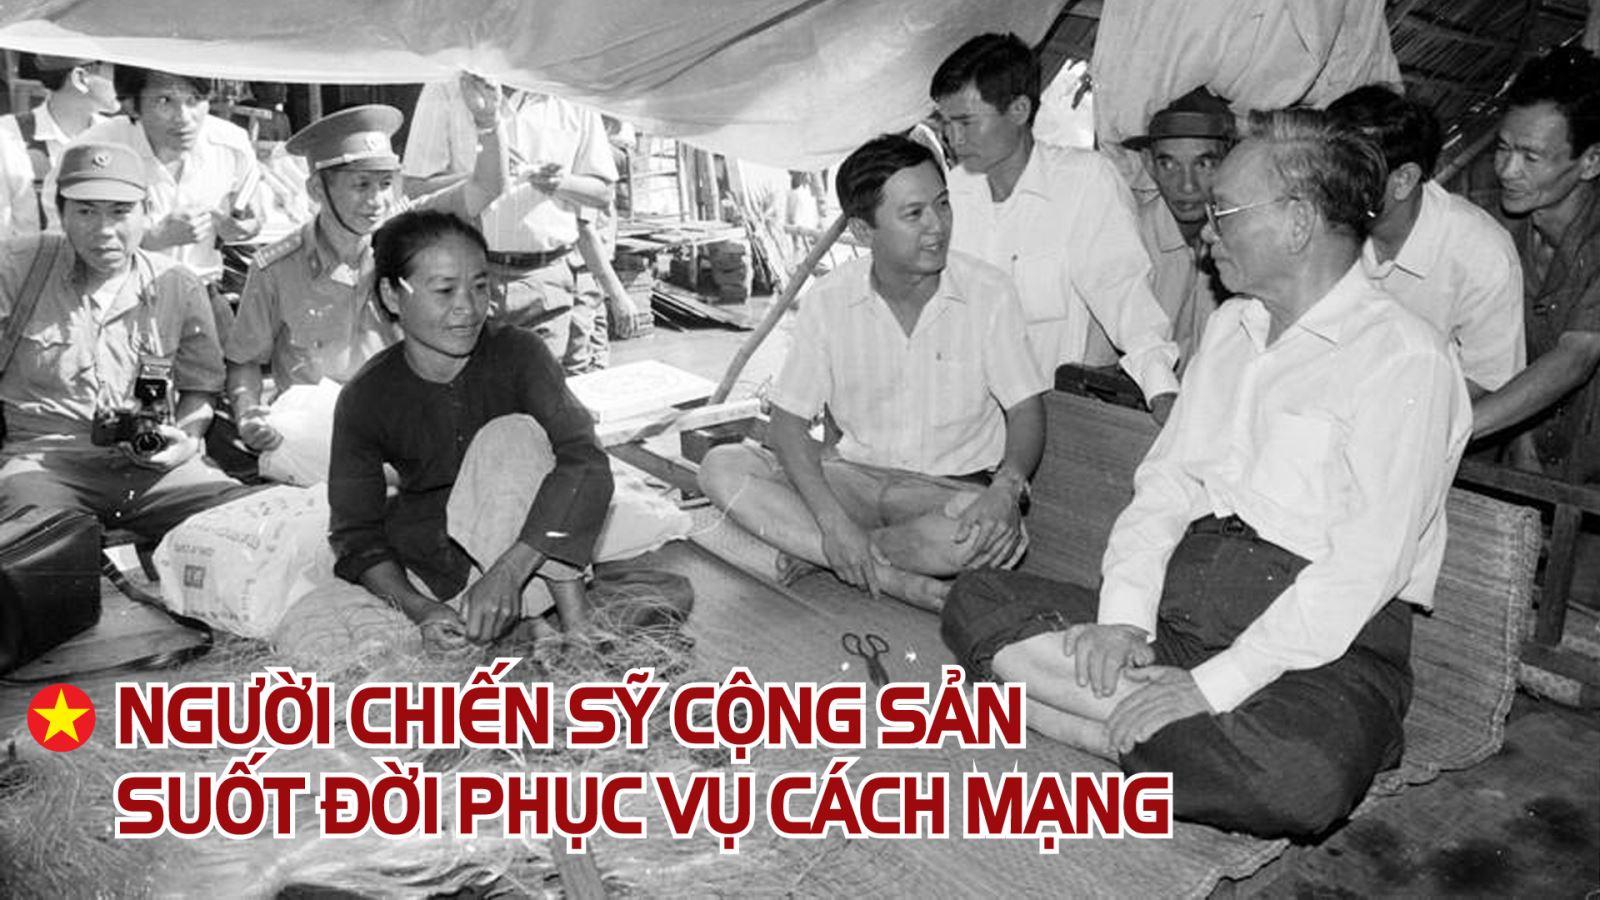 Chủ tịch nước Lê Đức Anh thăm và tặng quà hộ gia đình bị thiệt hại do lũ lụt tại ấp Mỹ Thạnh, xã Mỹ Hòa Hưng, An Giang (1994).